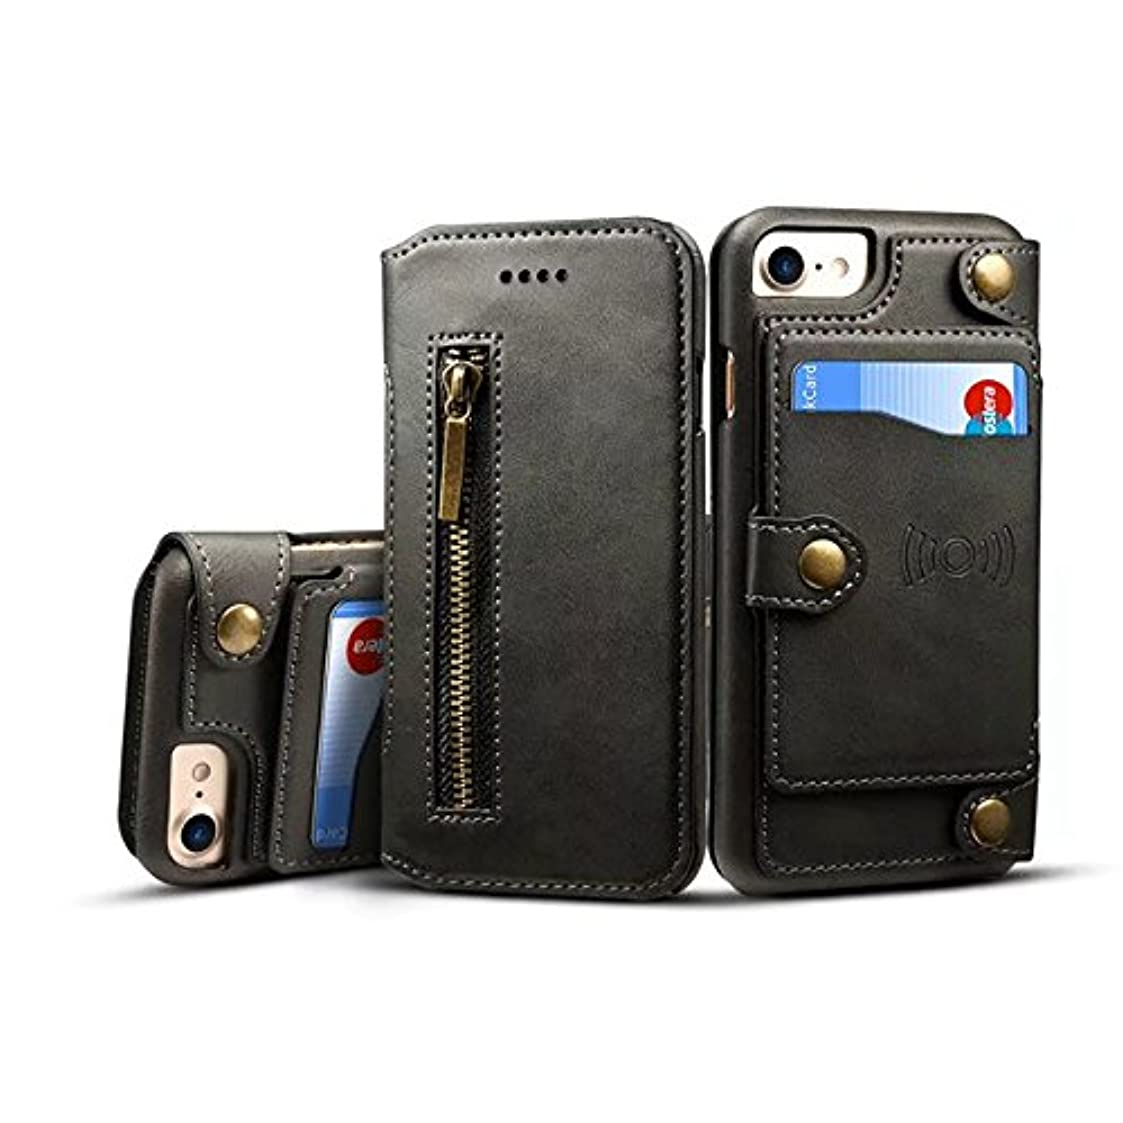 スチールカブぬるいShaclobx 電話アクセサリー iPhone 6 Plus&iPhone 6s Plus用長財布ケース、多機能2 in 1レザーケースジッパーウォレットケース(取り外し可能な磁気カードスロットとiPhone 6 / 6s Plus用) (Color : Black)